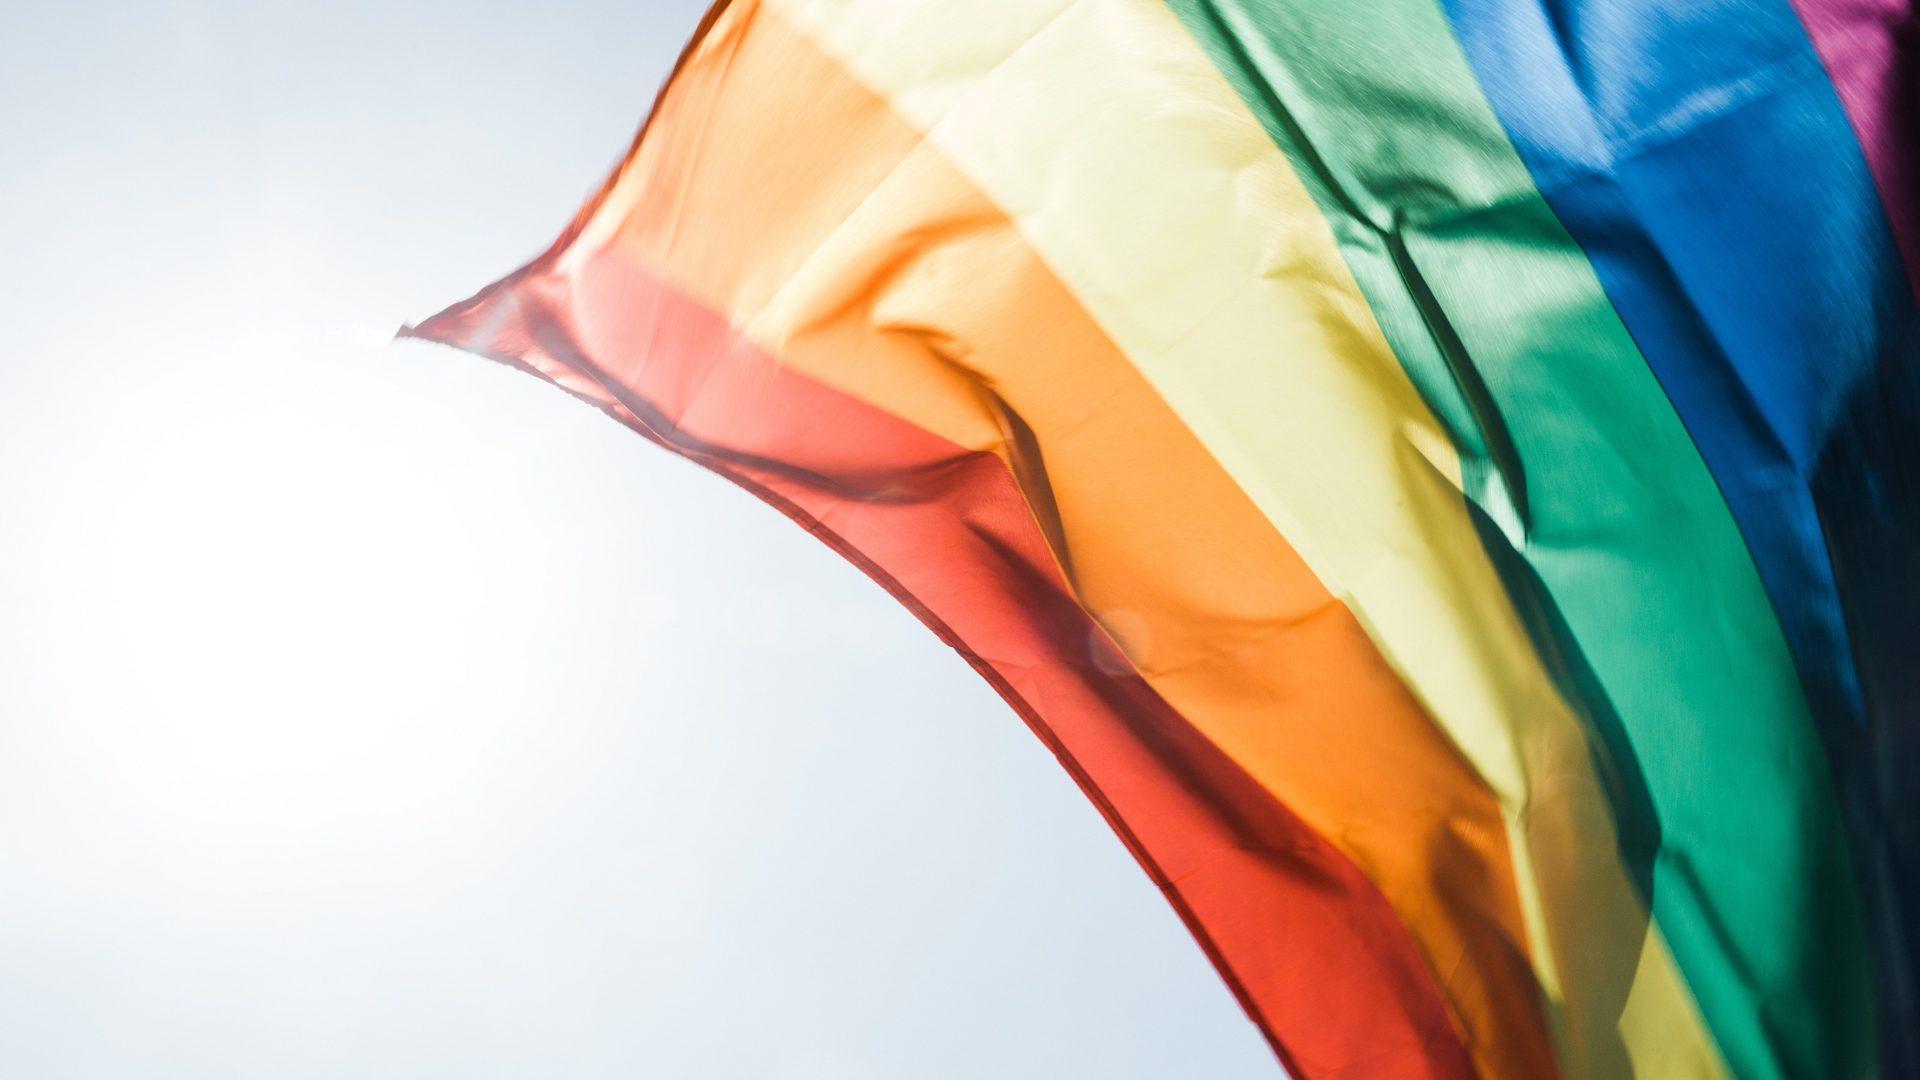 Why Israel is LGBTQ friendly